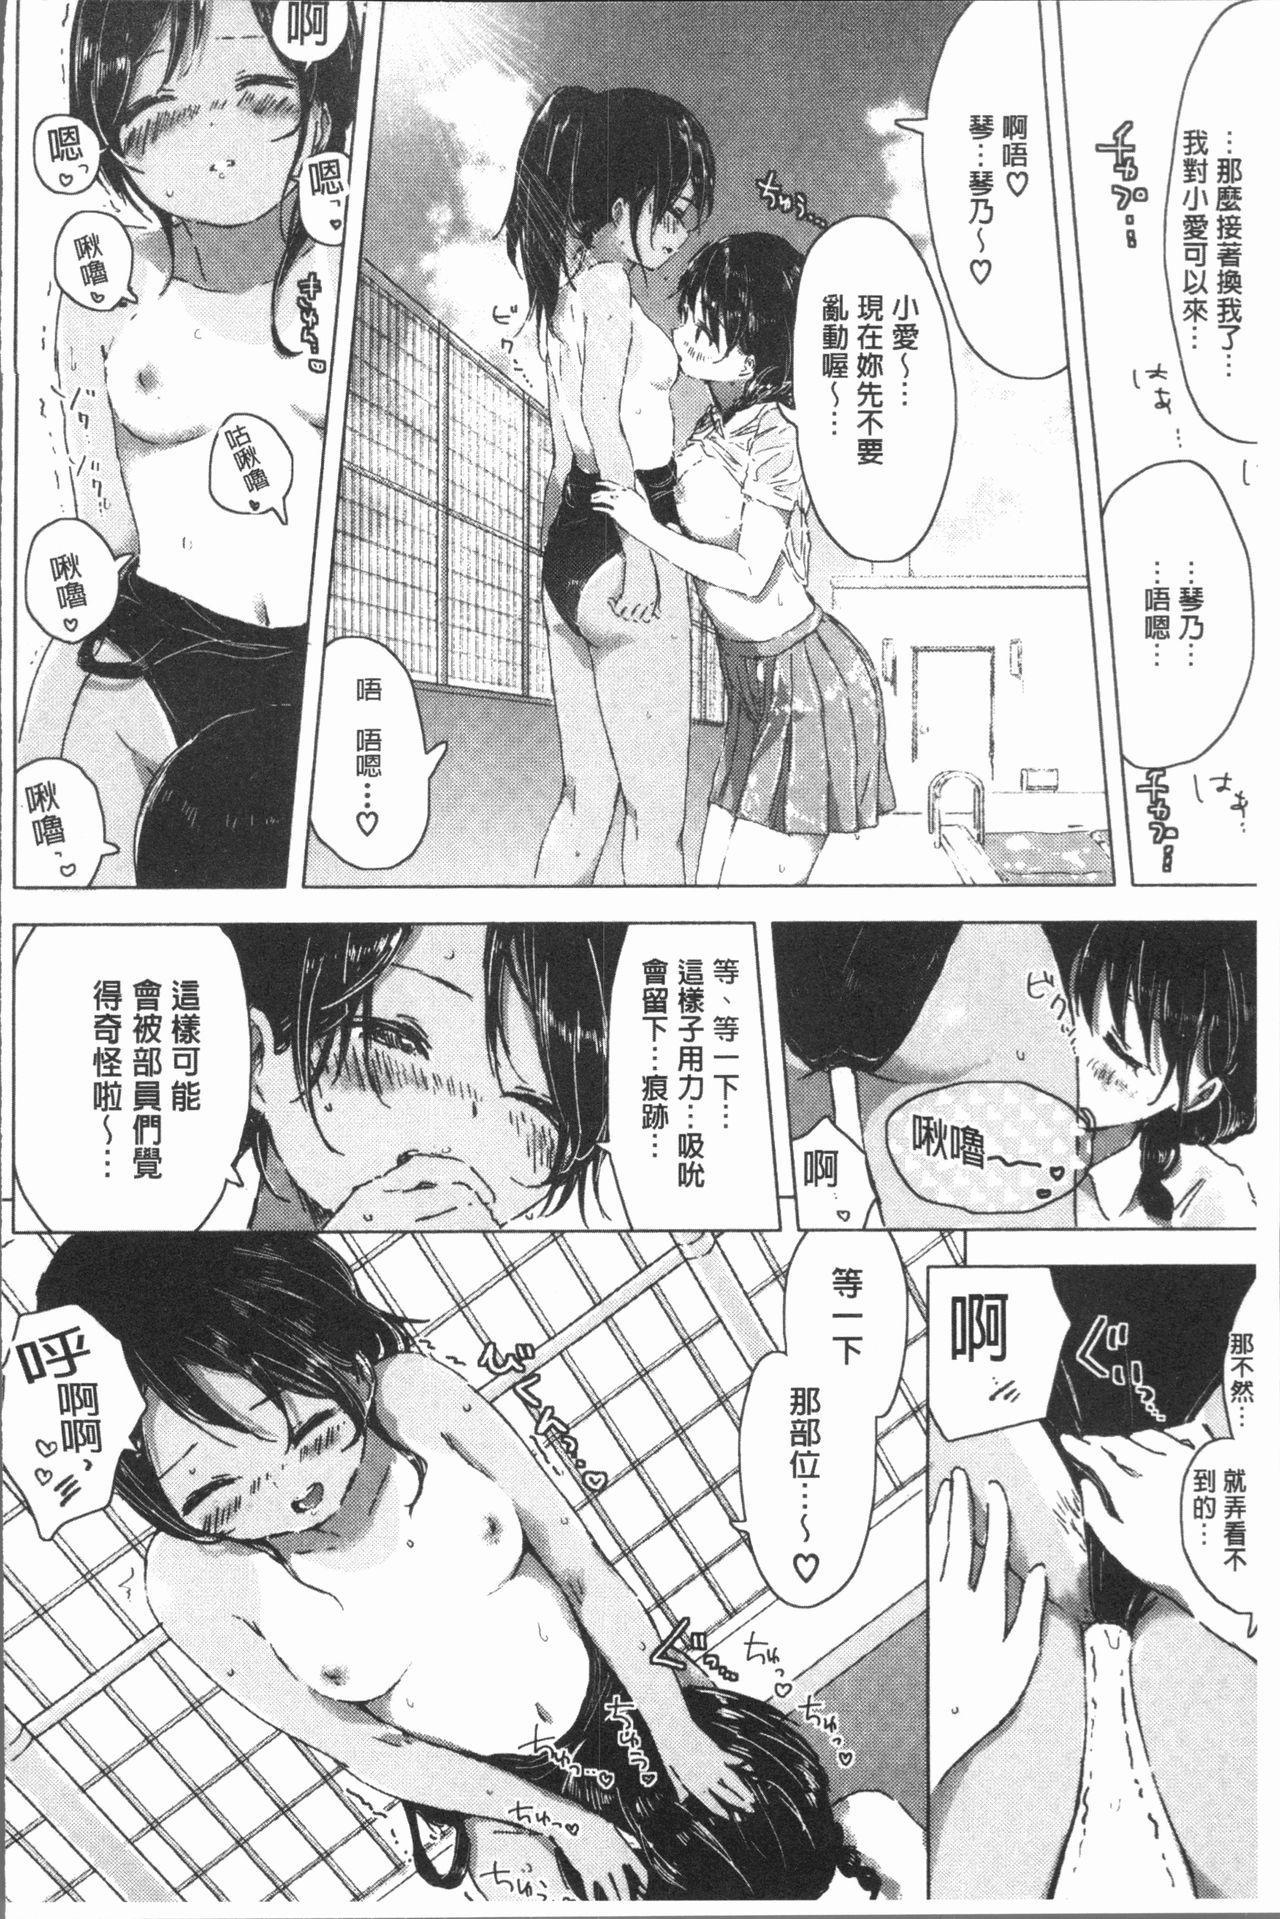 Yuri no Tsubomi ga Saku Koro ni 189